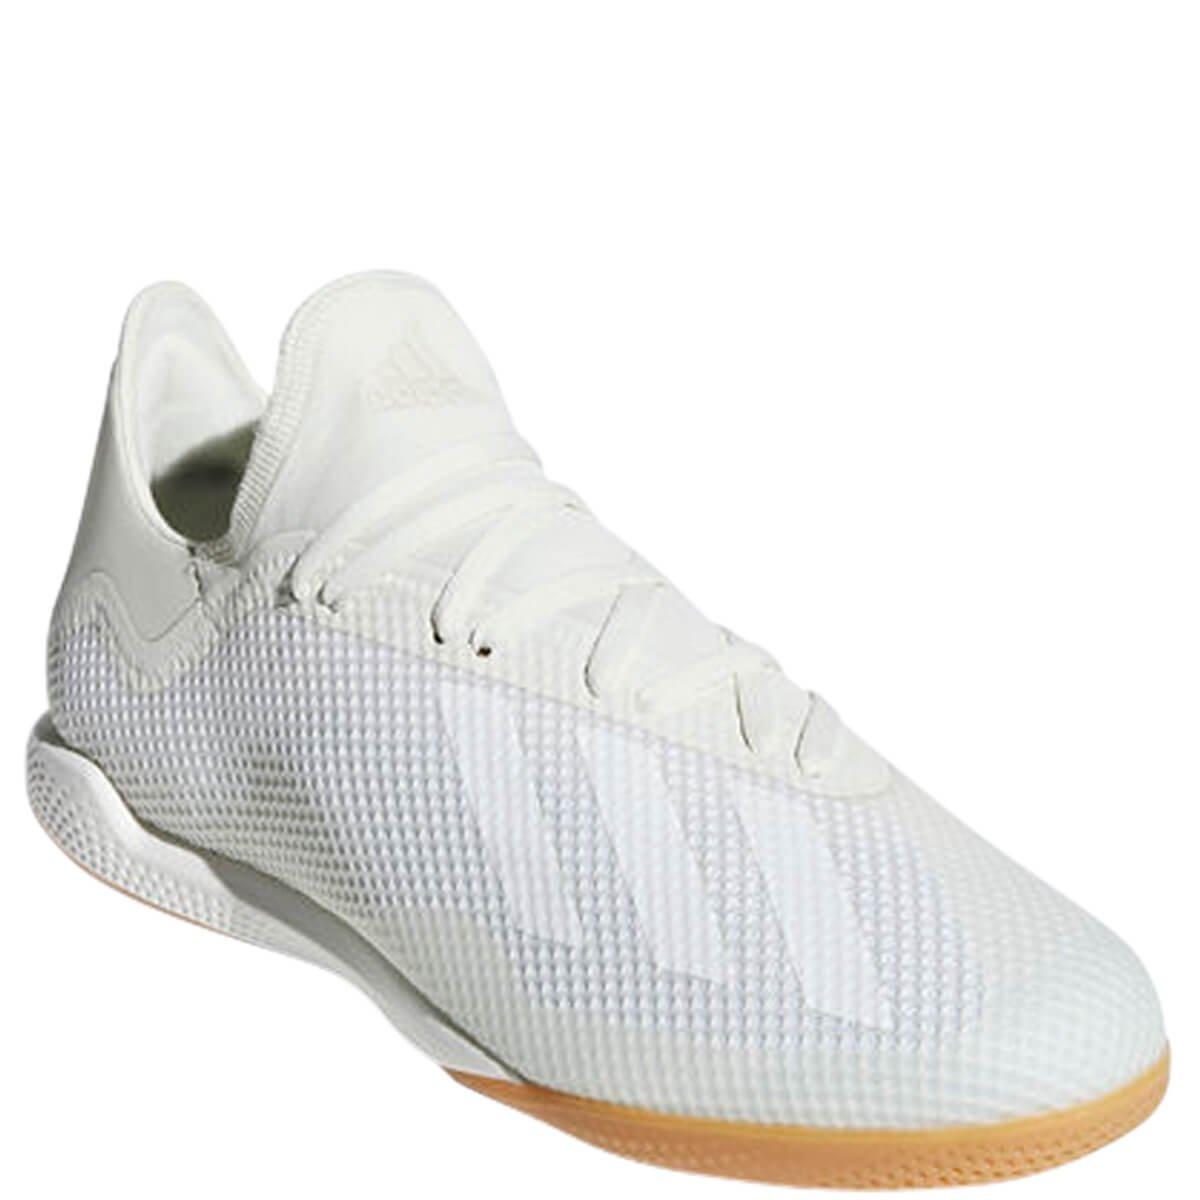 Bizz Store - Chuteira Masculina Futsal Adidas X Tango 18.3 29312b123465d